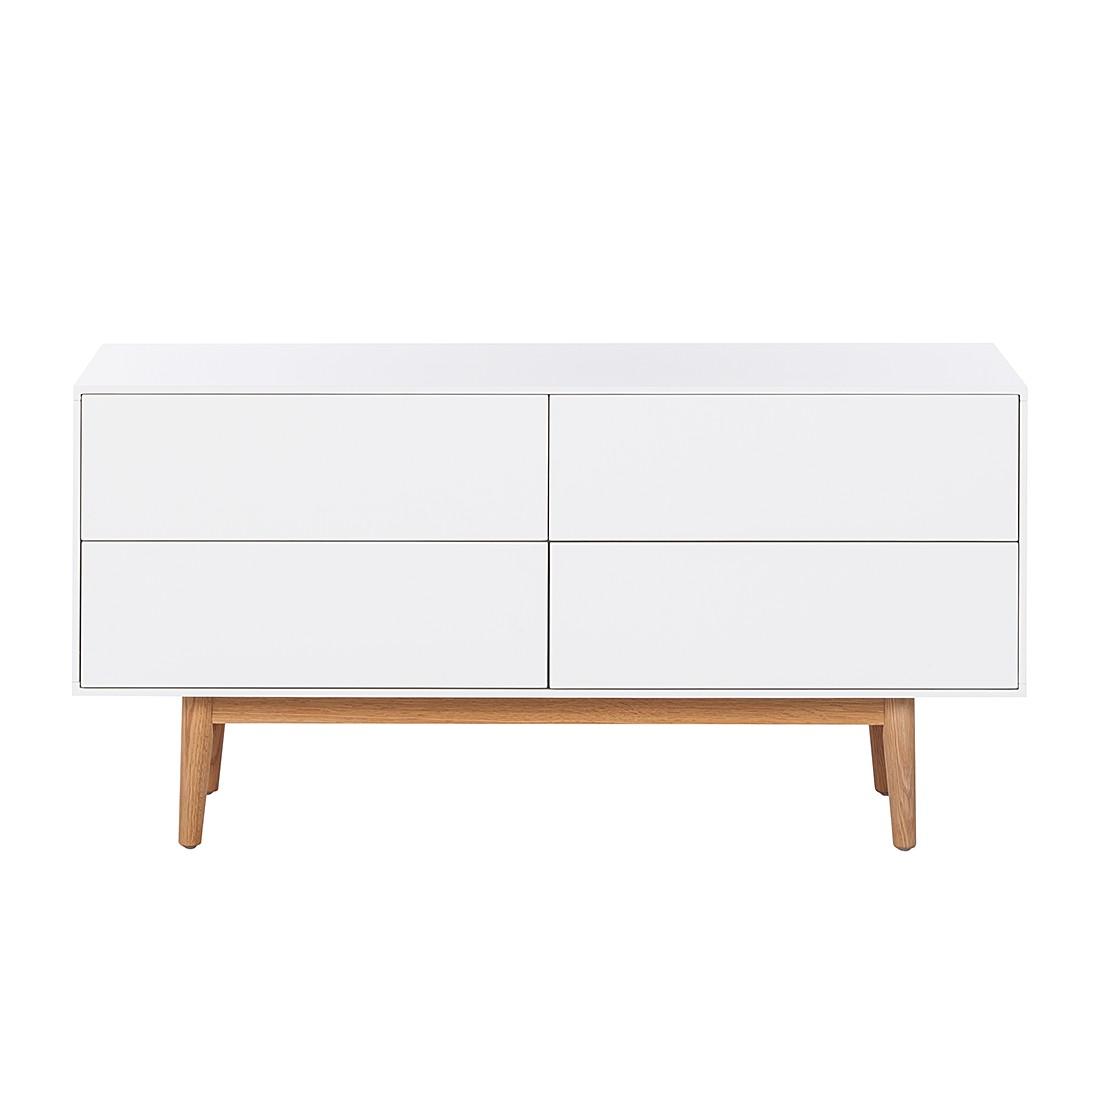 sideboard lindholm v wei eiche kommode schrank lowboard. Black Bedroom Furniture Sets. Home Design Ideas